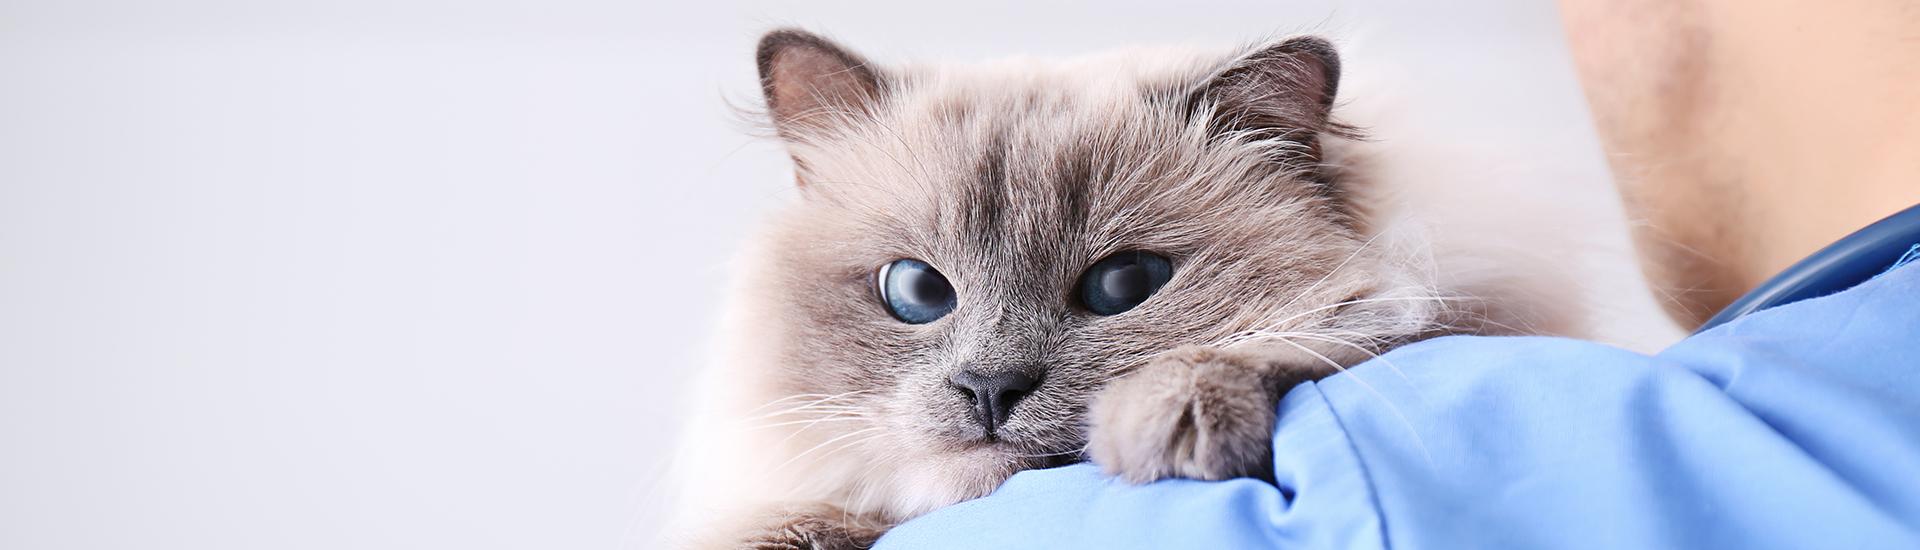 cat on vet shoulder